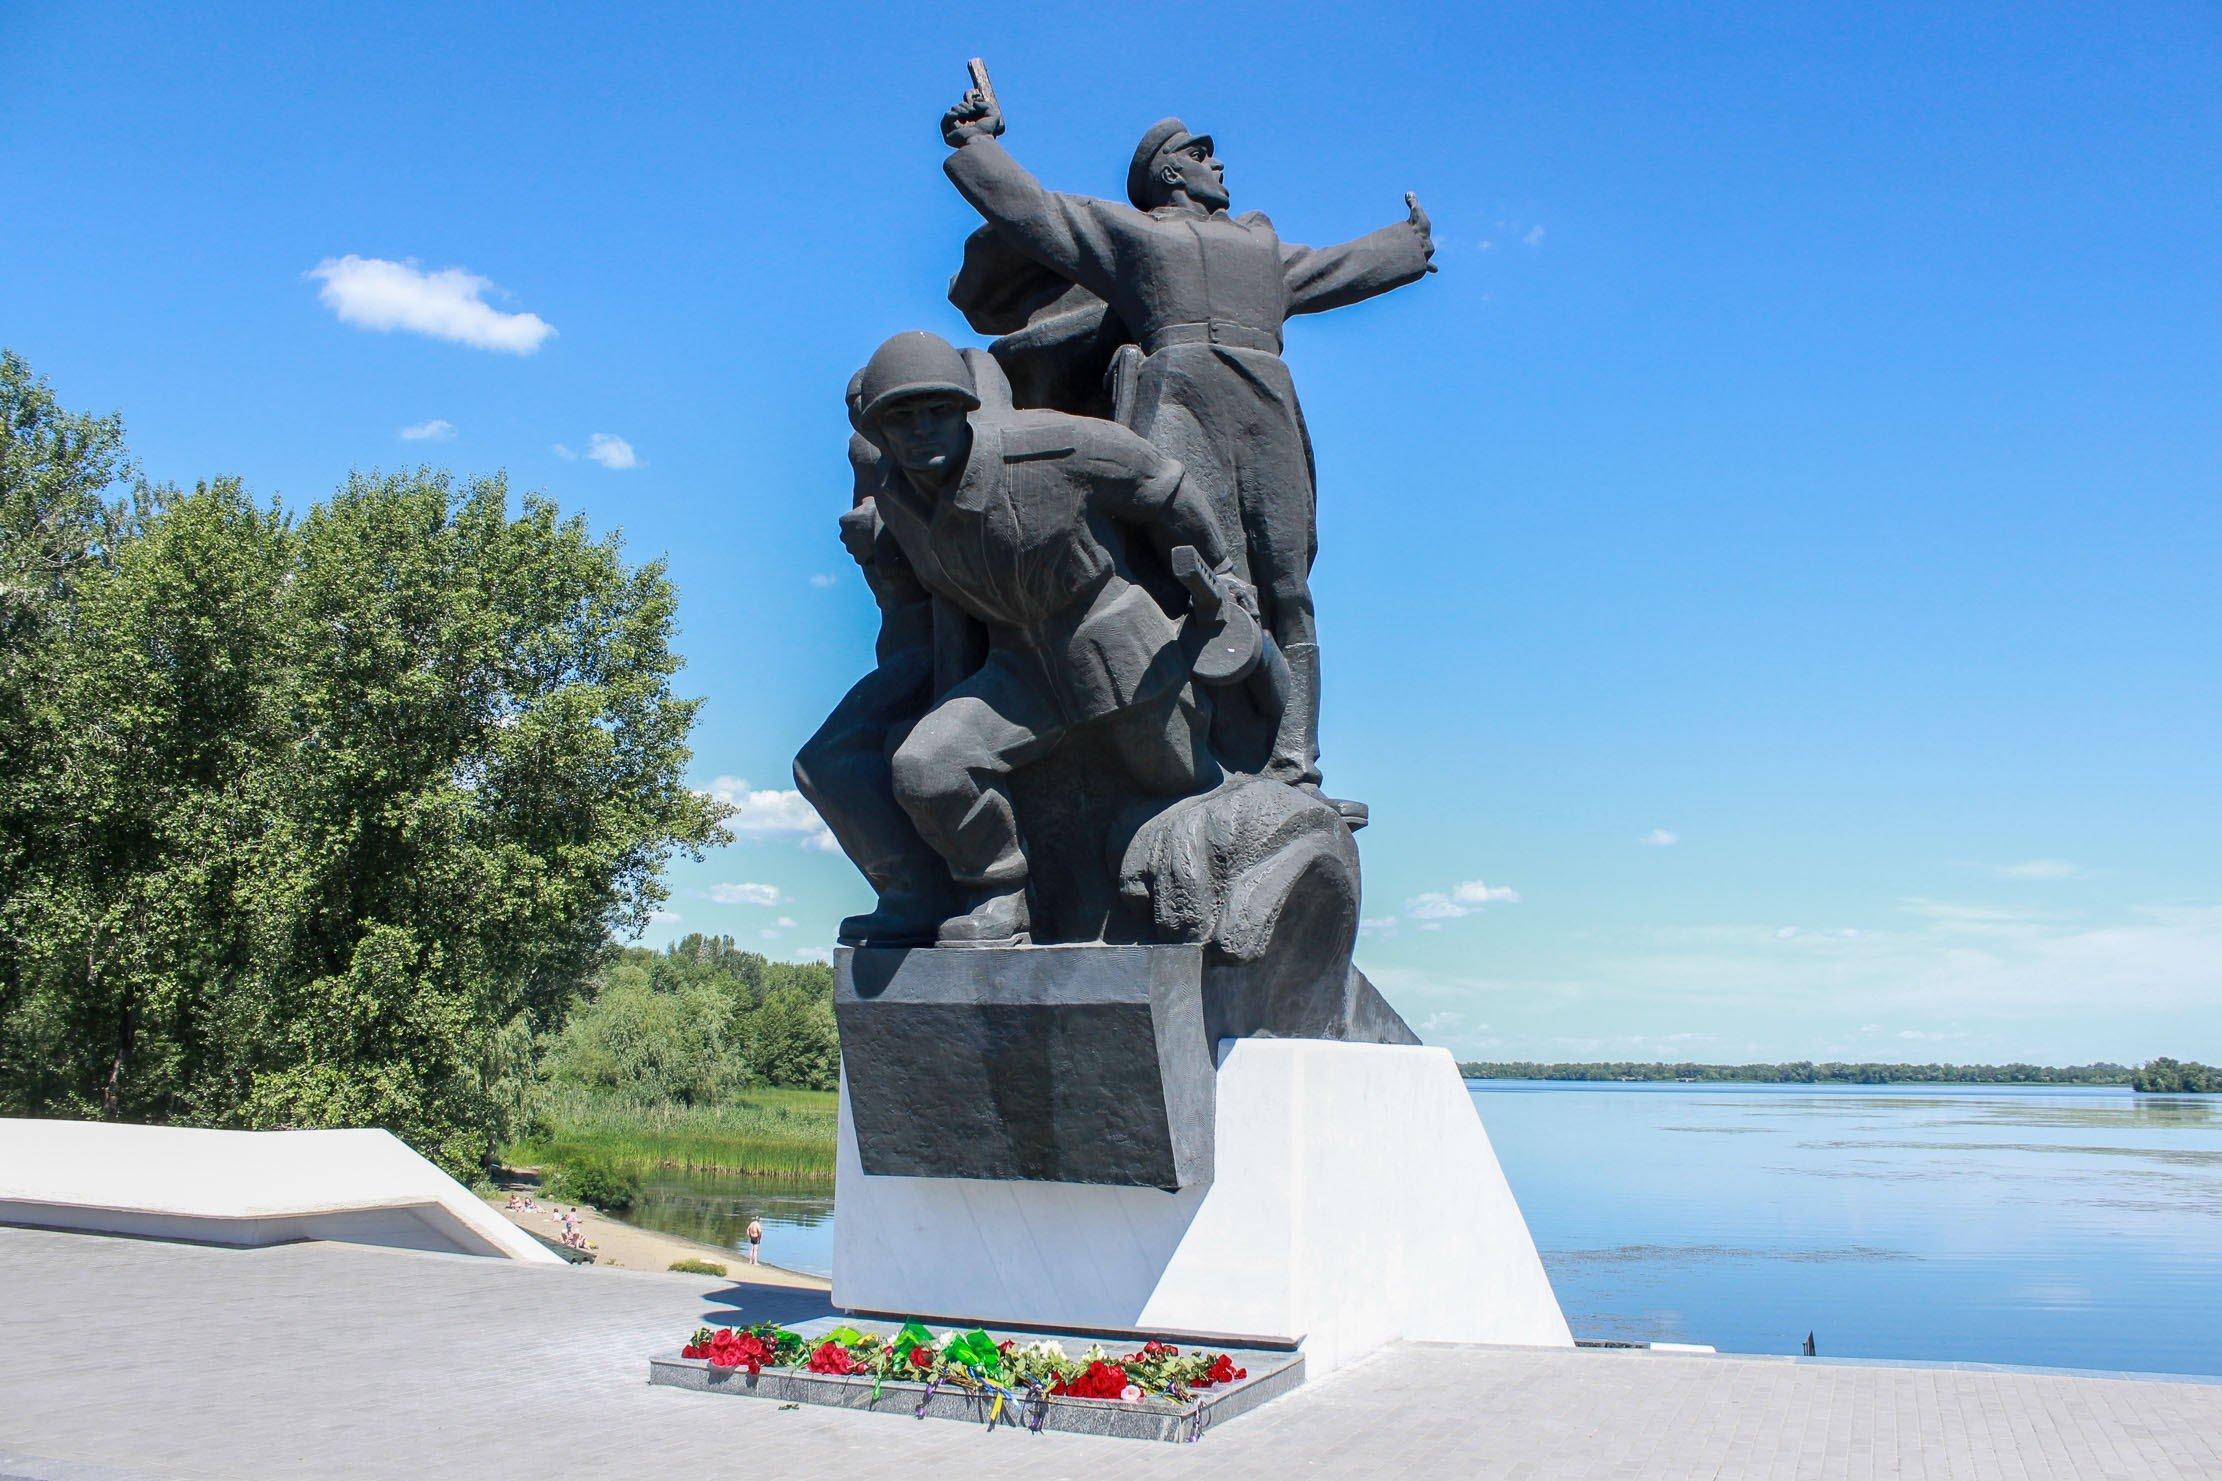 Пам'ять жертв Другої світової війни вшанували на Дніпропетровщині_9